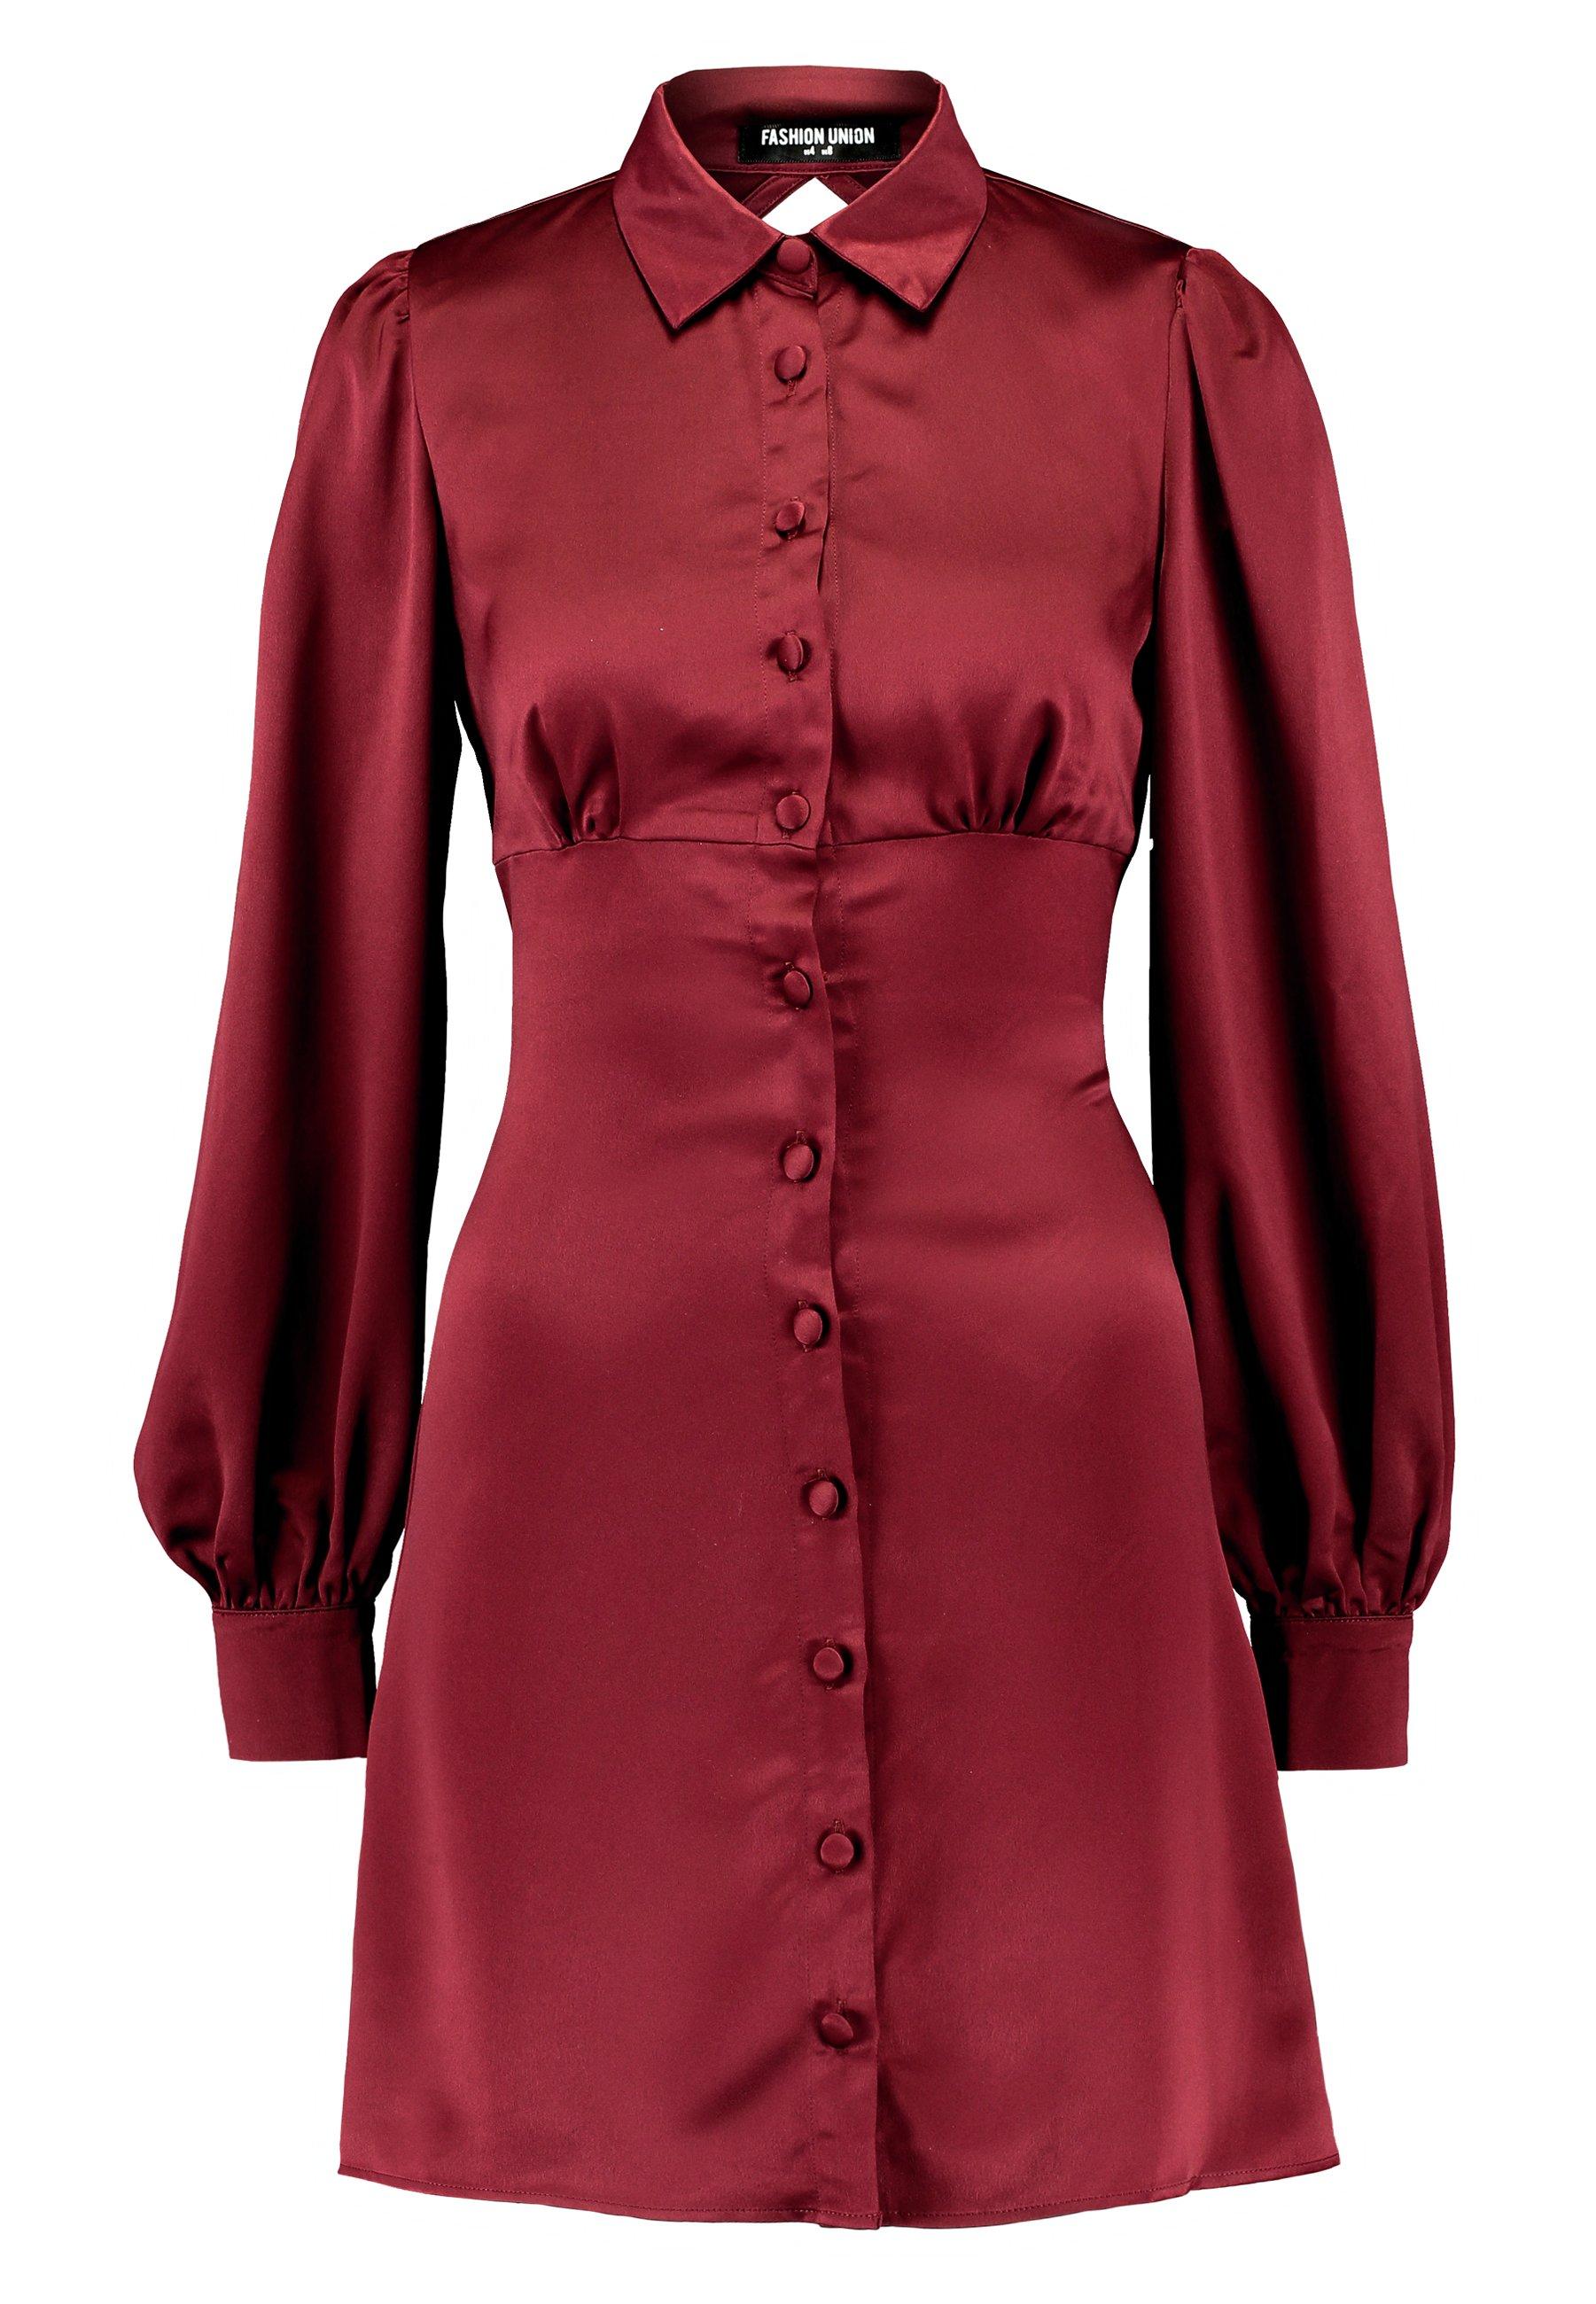 Fashion Union Lord - Skjortekjole Burgundy